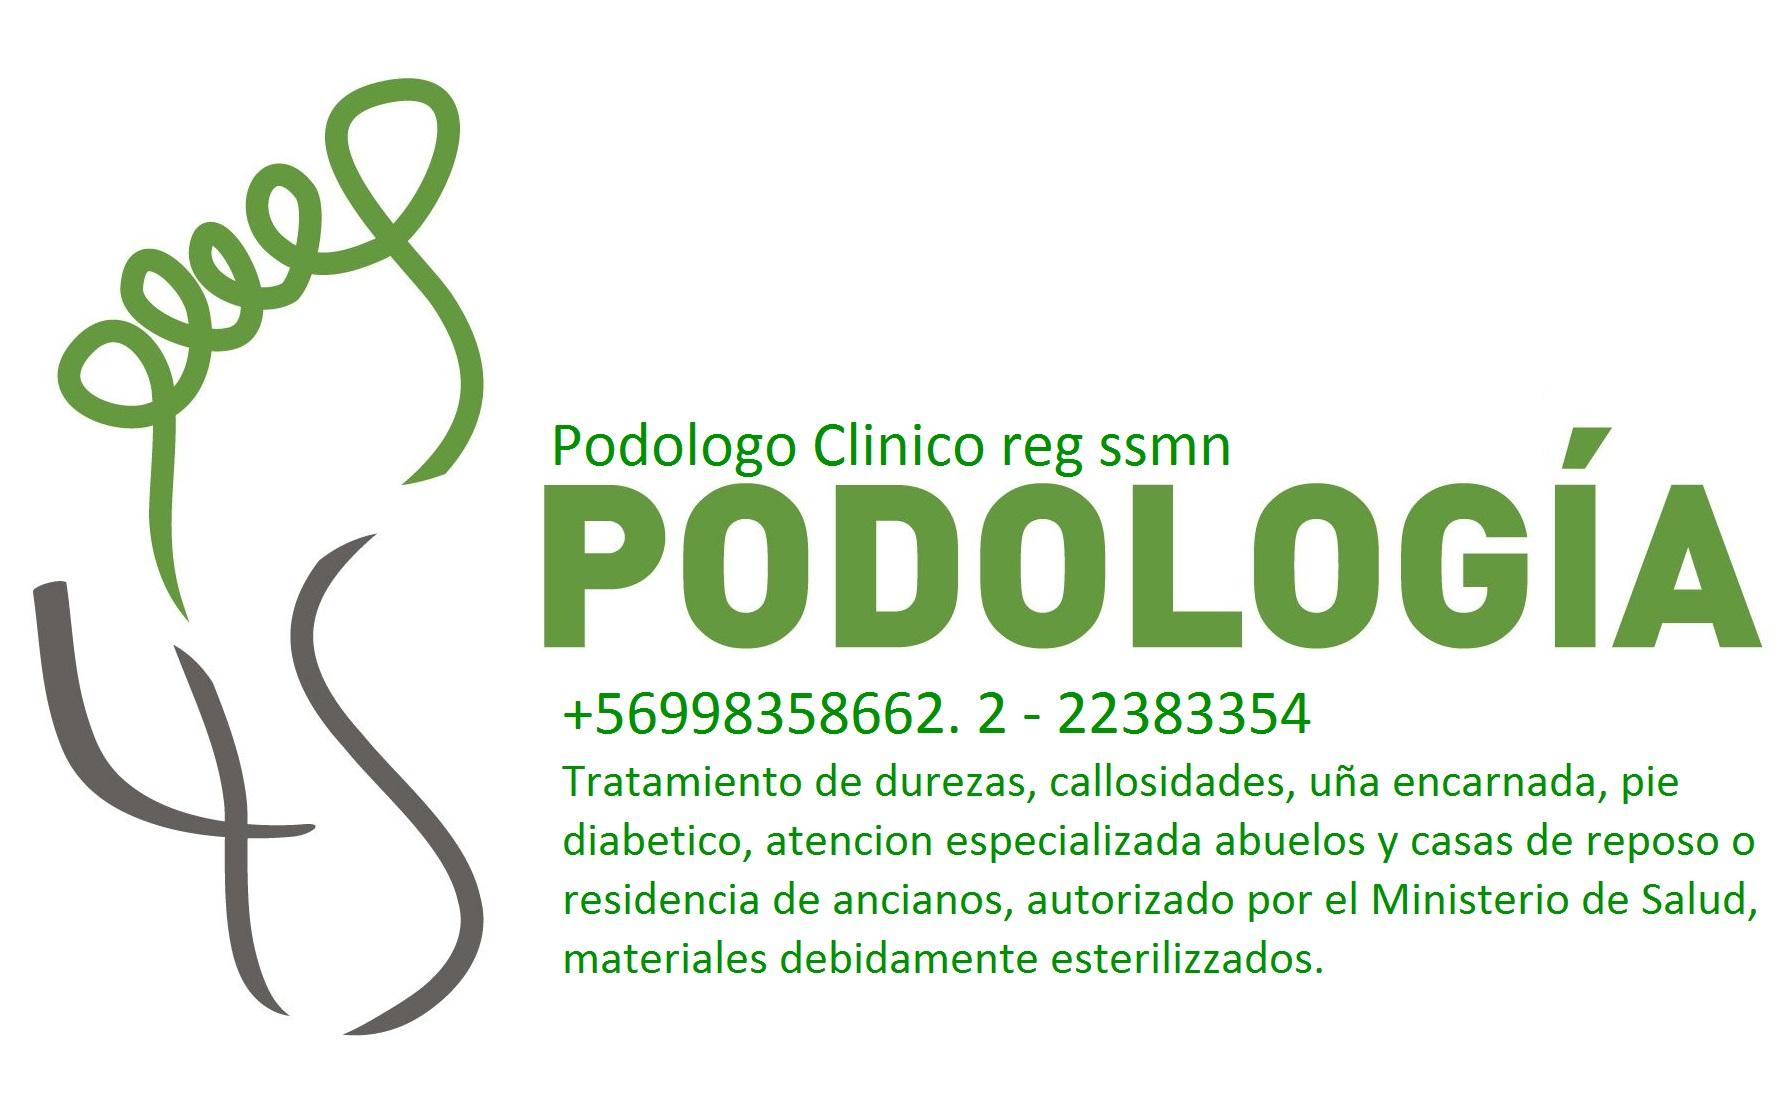 PODOLOGIA PEDIATRICA ÑUÑOA +56998358662